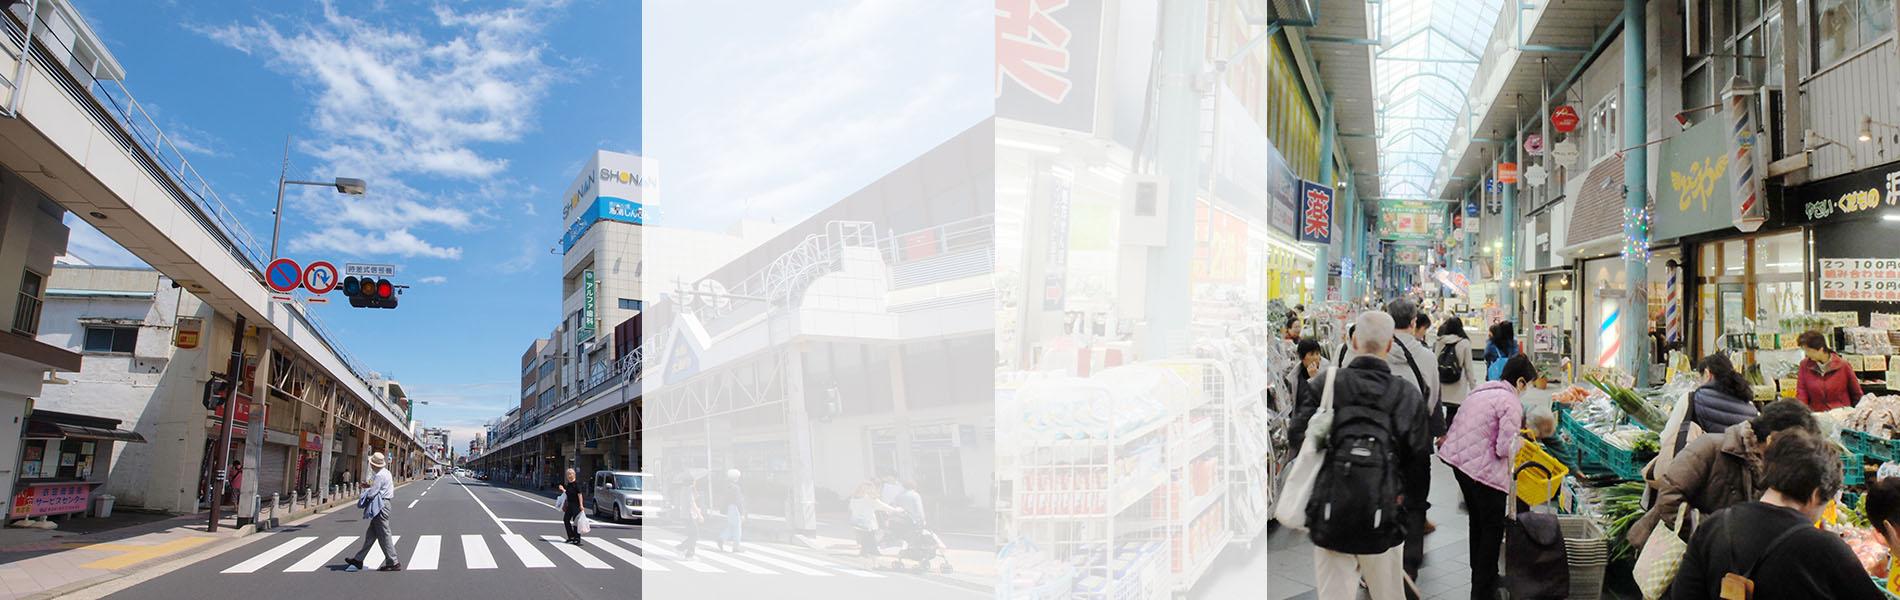 衣笠商店街|神奈川県 横須賀